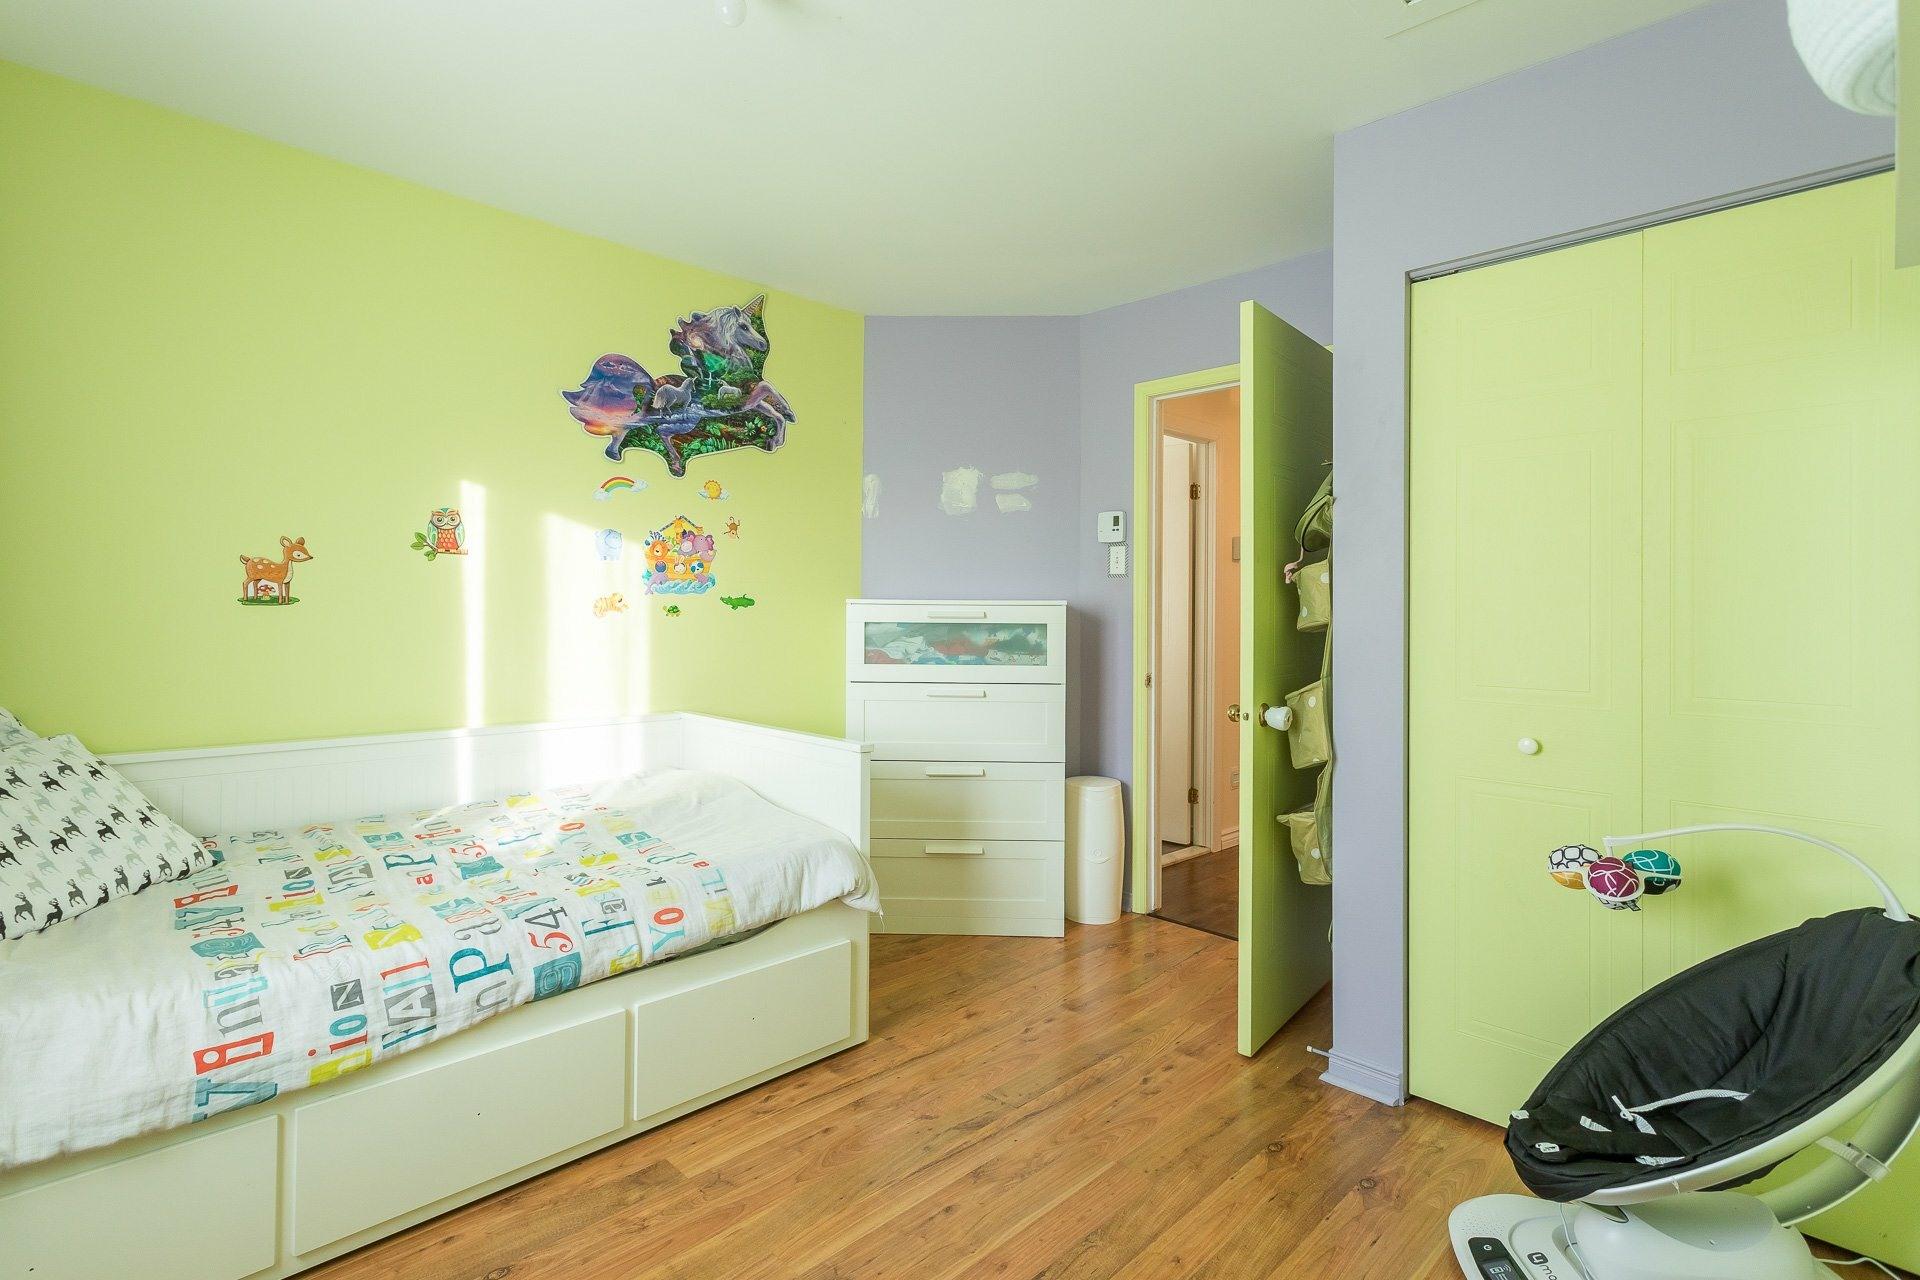 image 21 - Maison À vendre Rivière-des-Prairies/Pointe-aux-Trembles Montréal  - 9 pièces